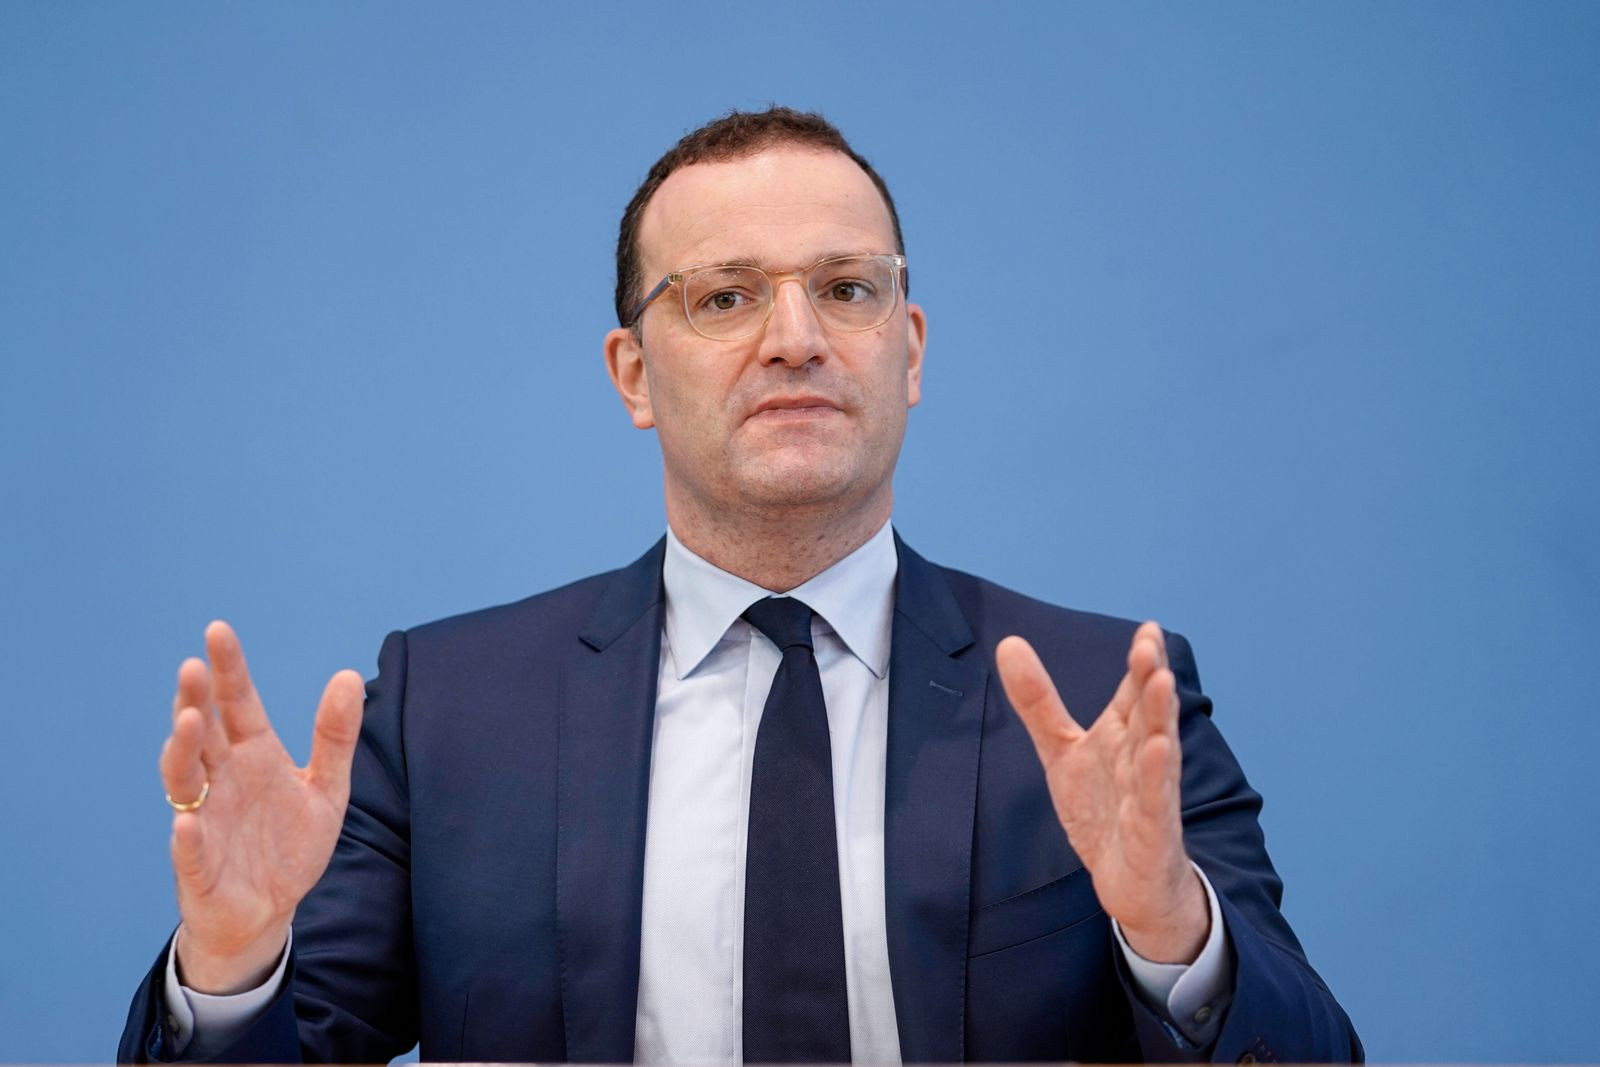 Bundespressekonferenz Impfkampagne gegen Corona Aktuell,08.09.2021,Berlin,Bundesgesundheitsminister Jens Spahn im Portra